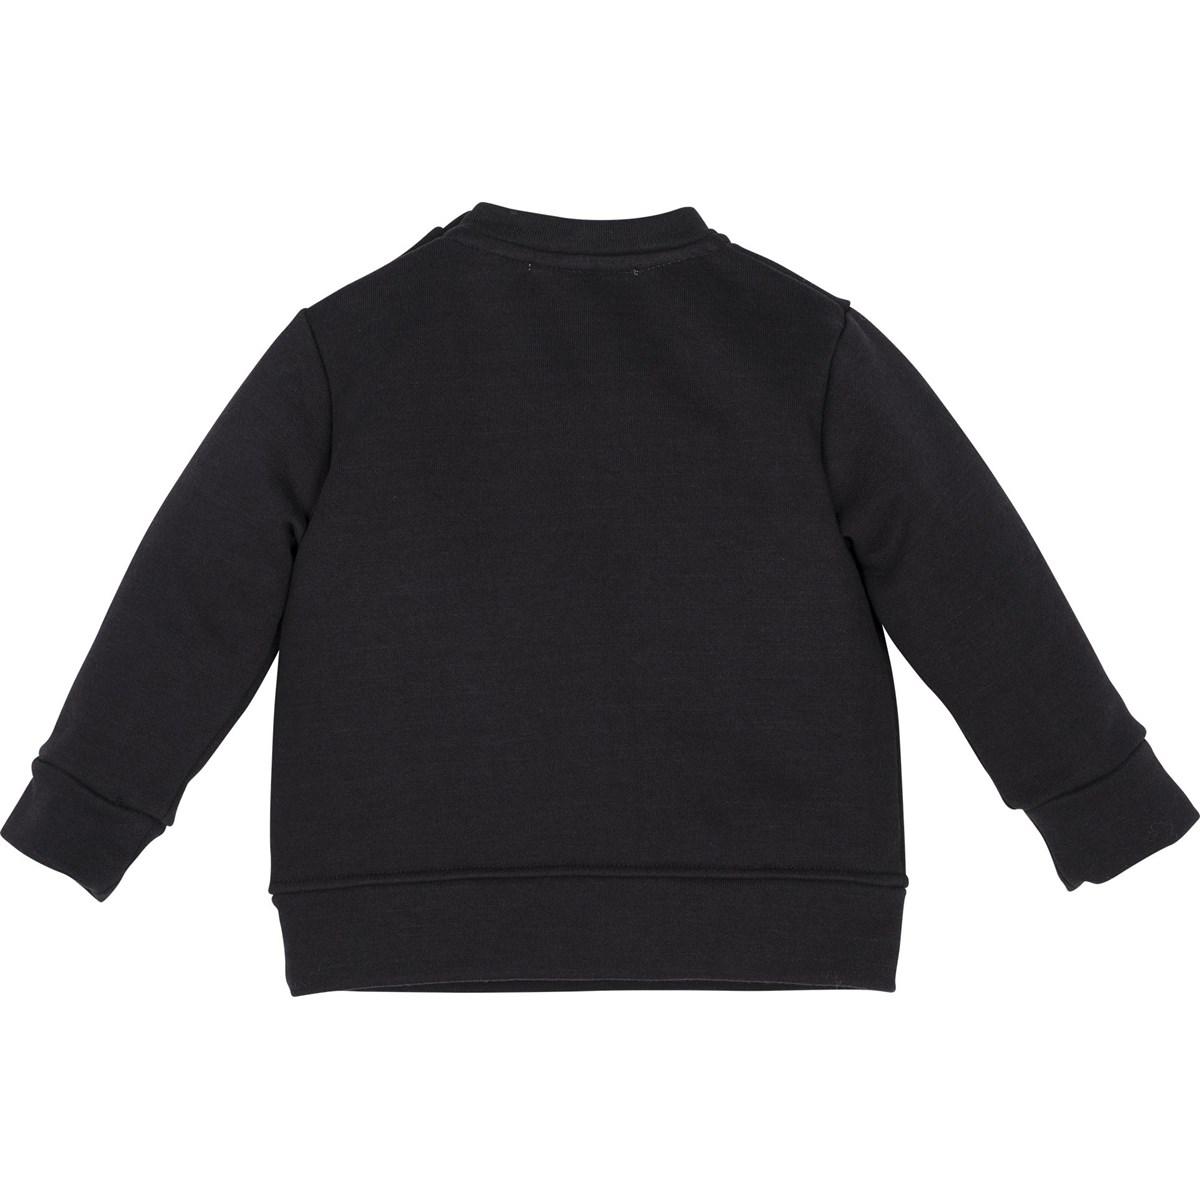 12526 Sweatshirt 2